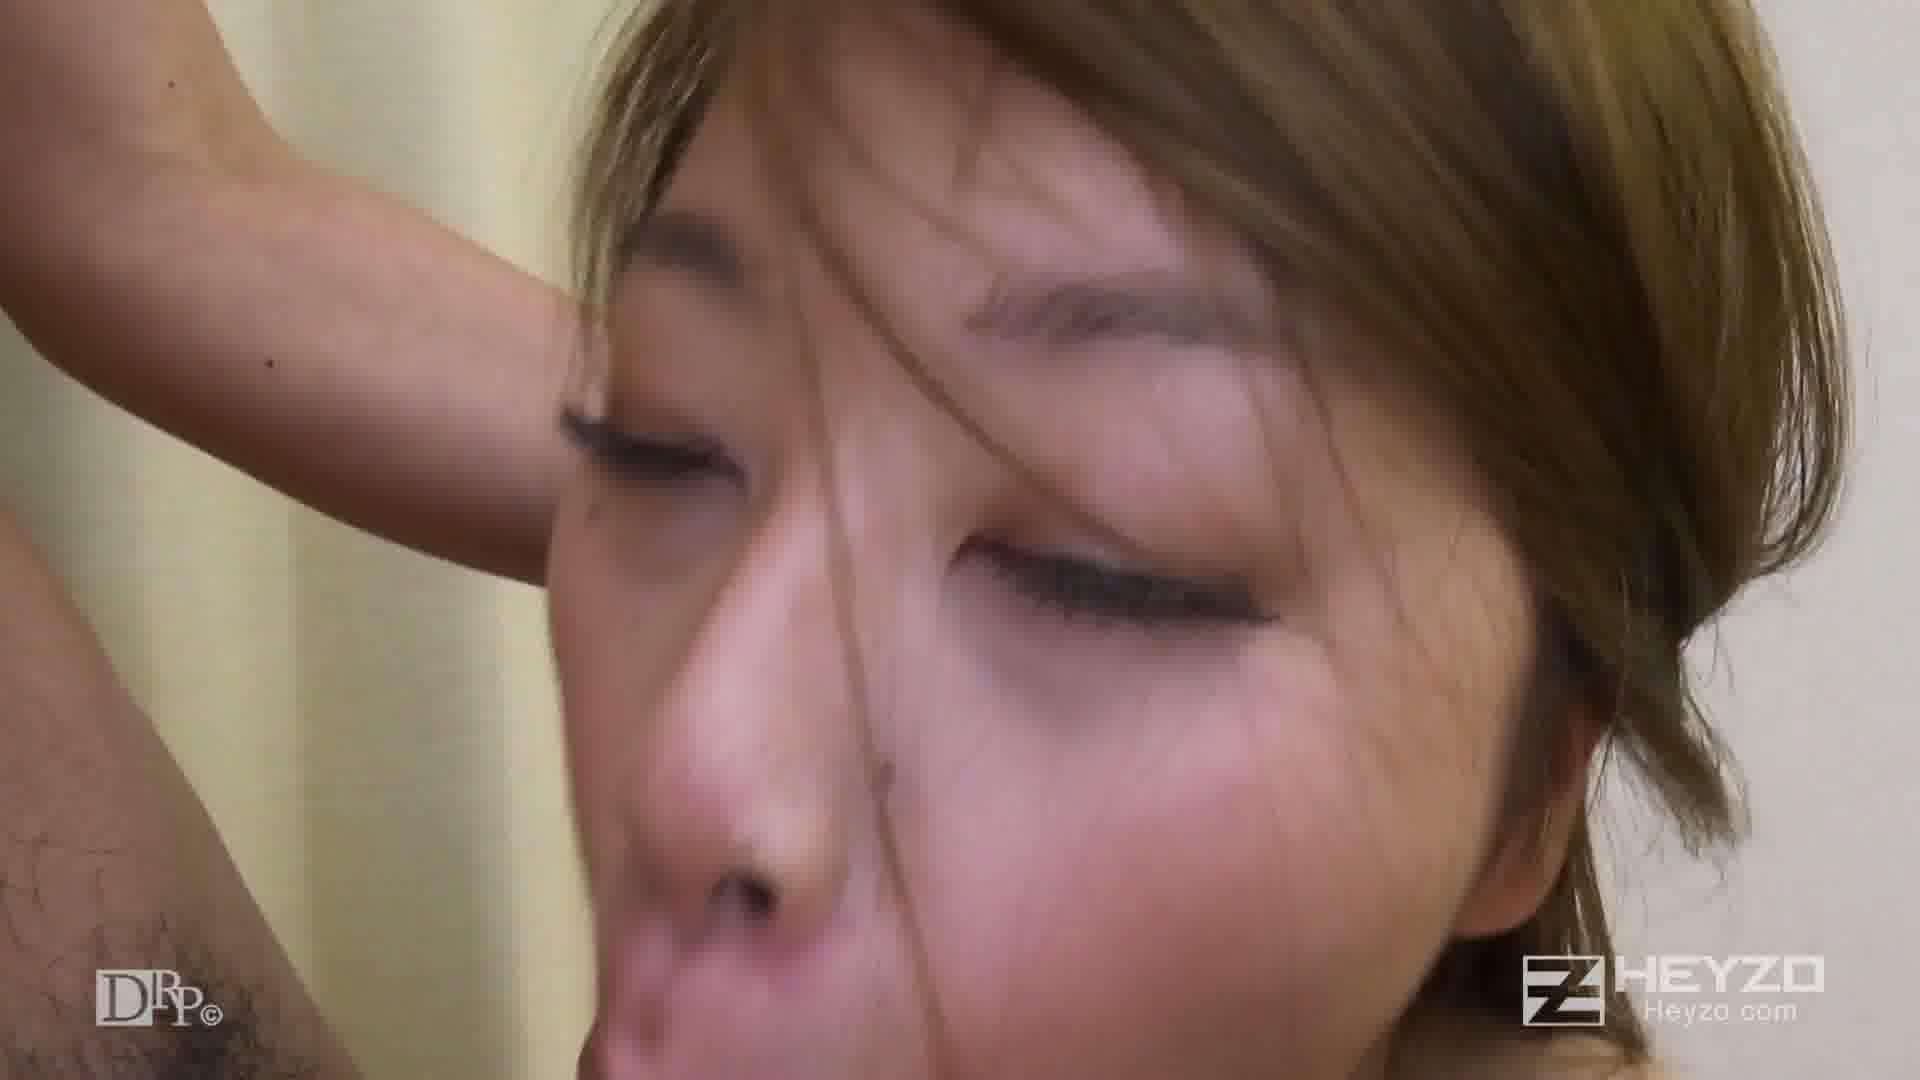 チャラ男のテクニックをAV女優のカラダで検証してみた - 七海【前戯 フェラ 69 騎乗後背位】